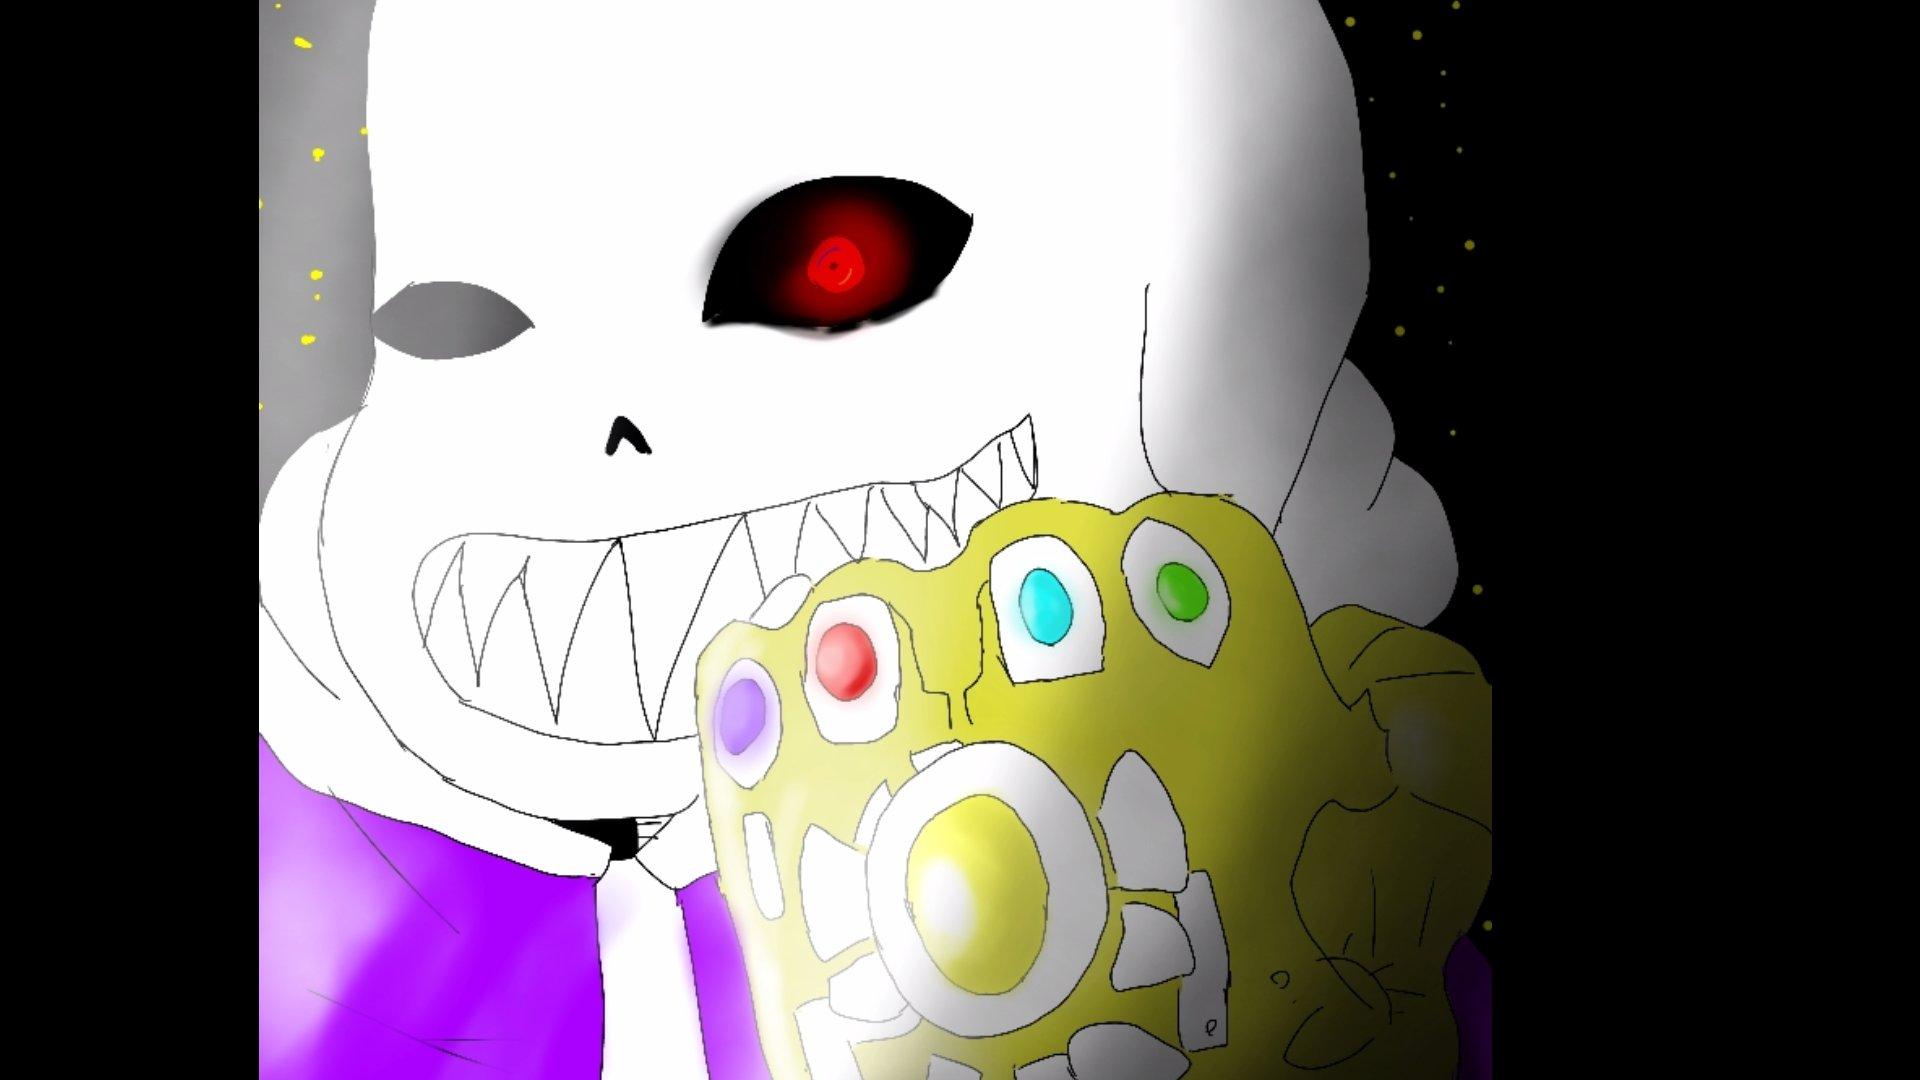 Infinity tale